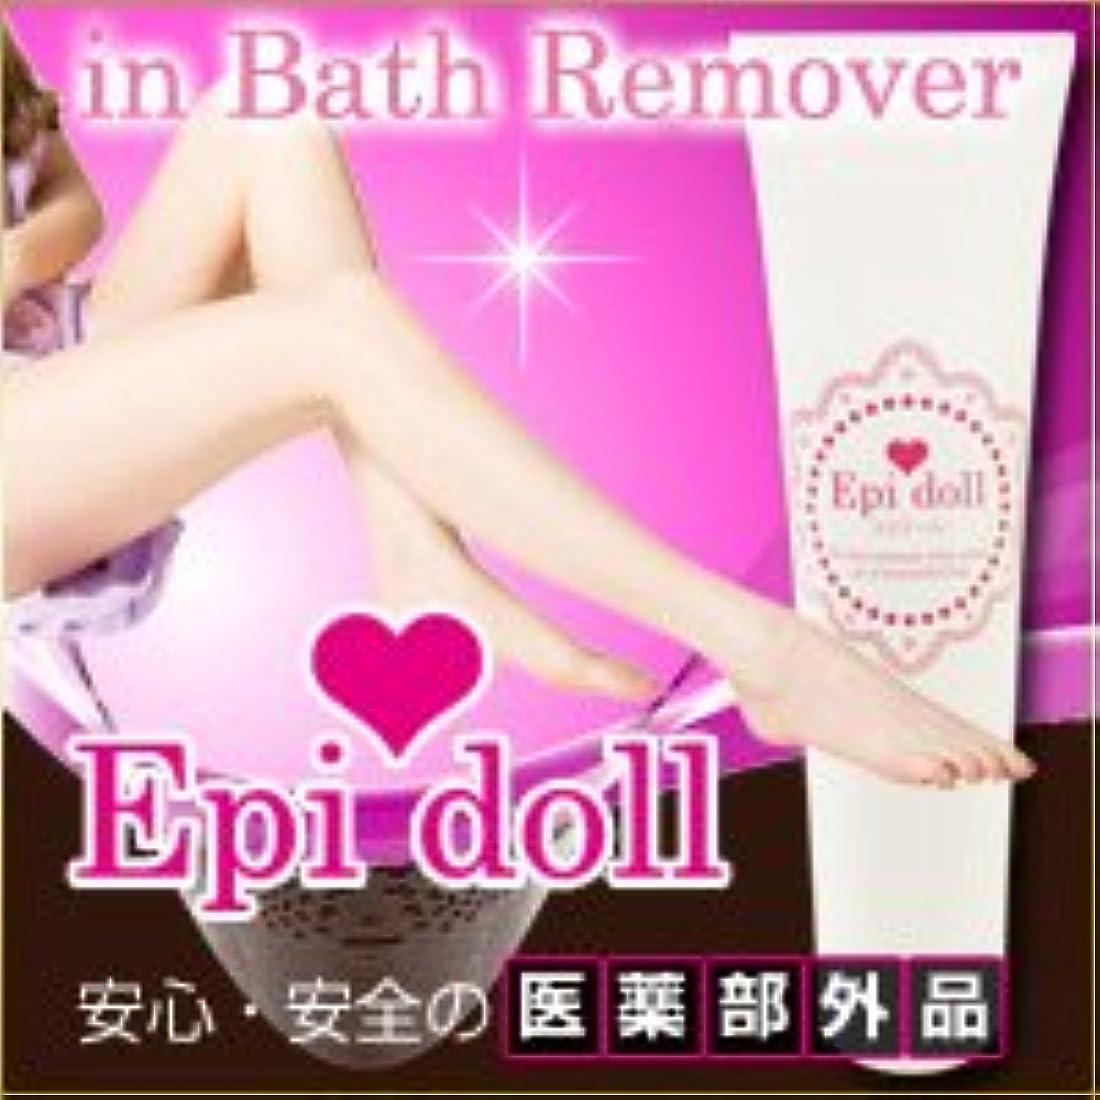 空の受益者カンガルー【医薬部外品 Epi doll in bath remover(エピドール インバスリムーバー)】